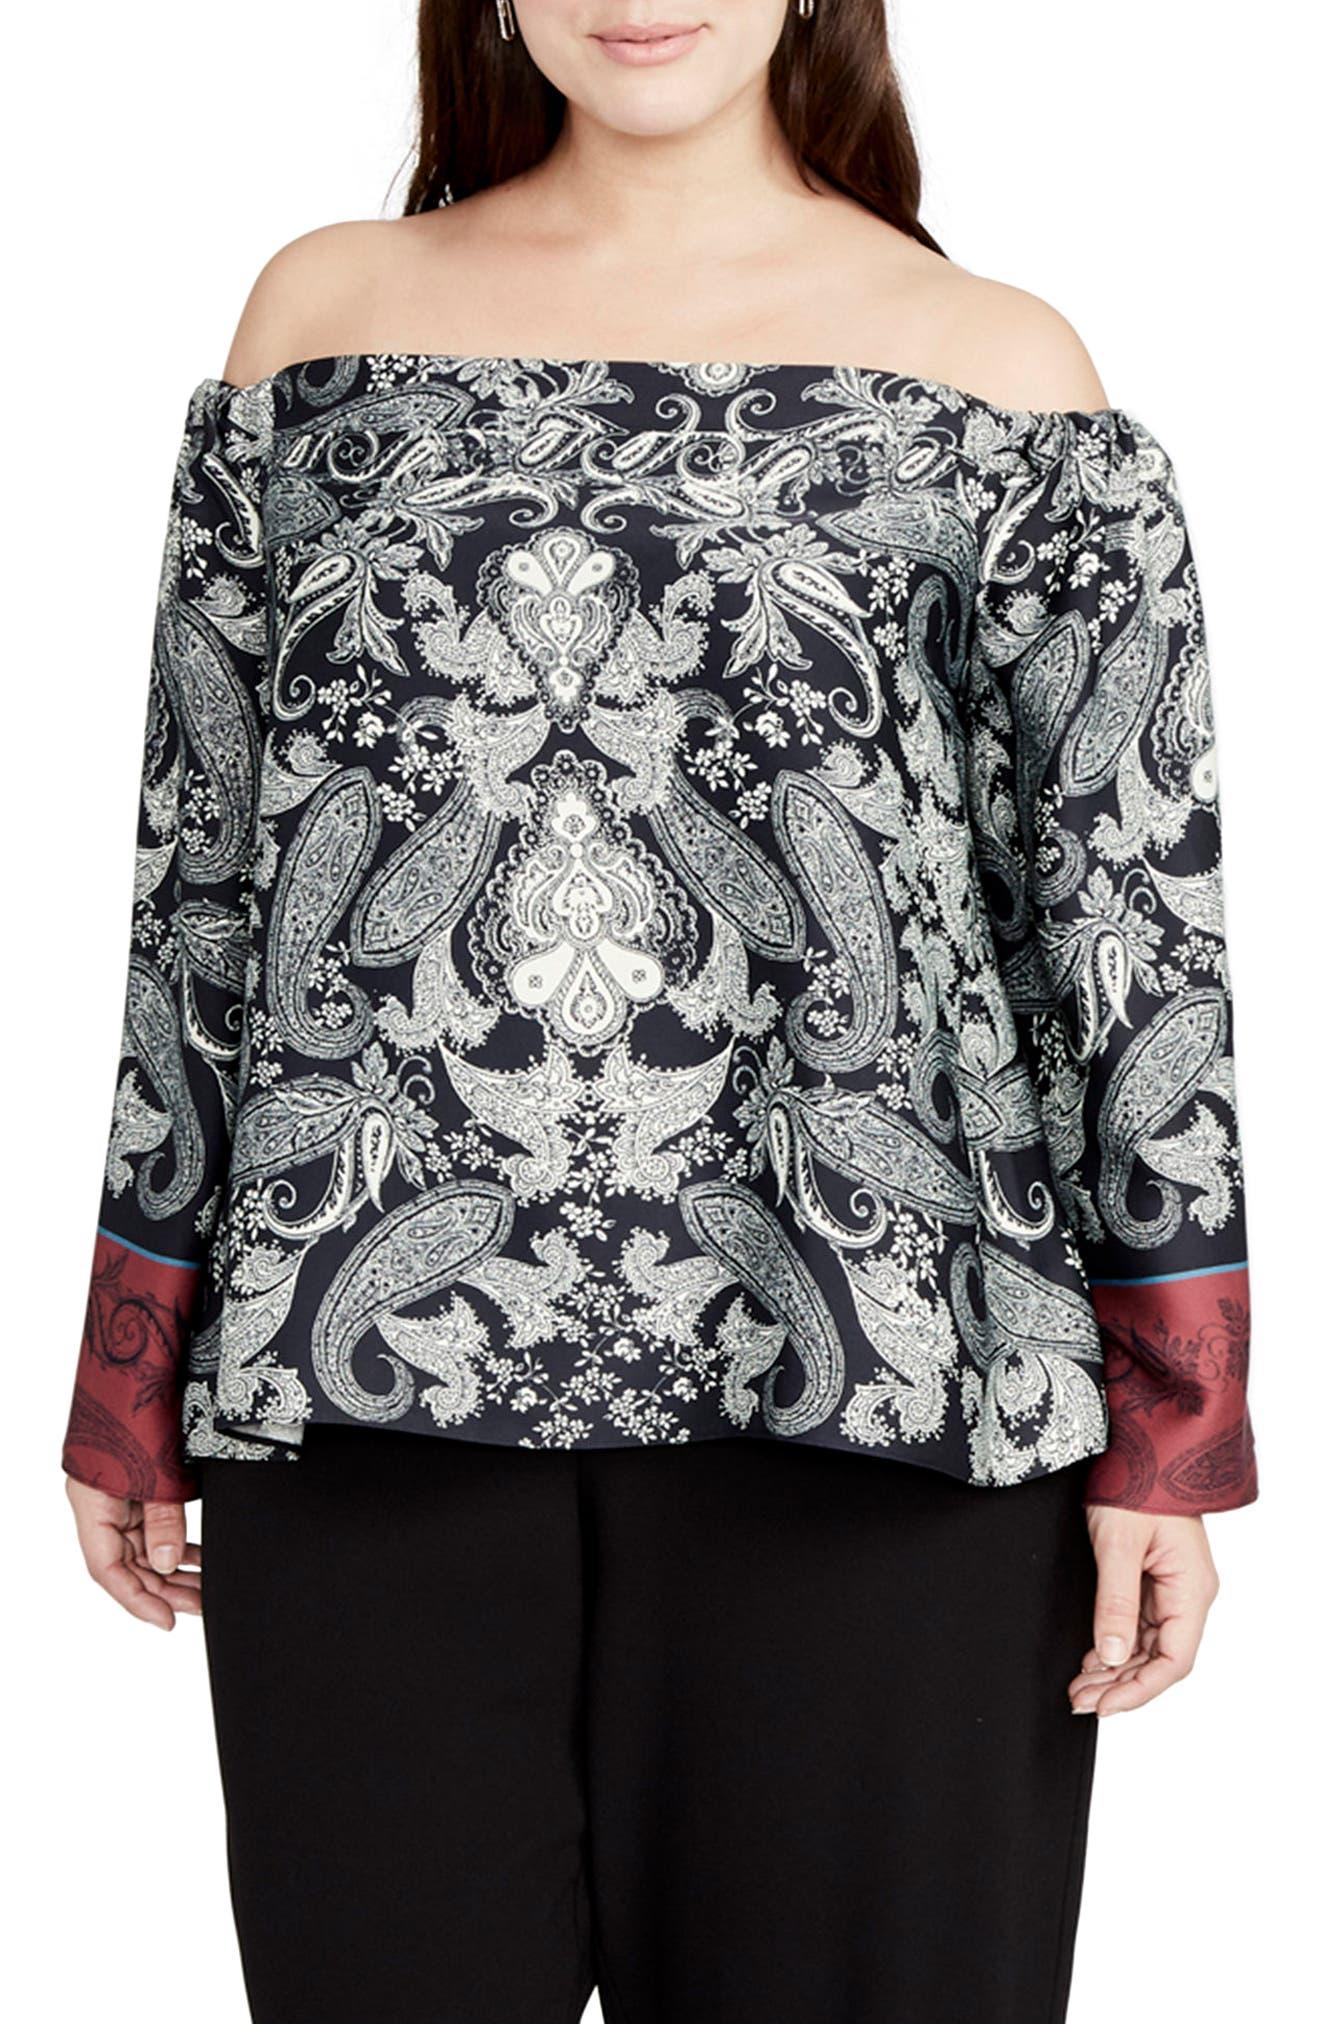 Main Image - RACHEL Rachel Roy Placed Paisley Print Off the Shoulder Top (Plus Size)